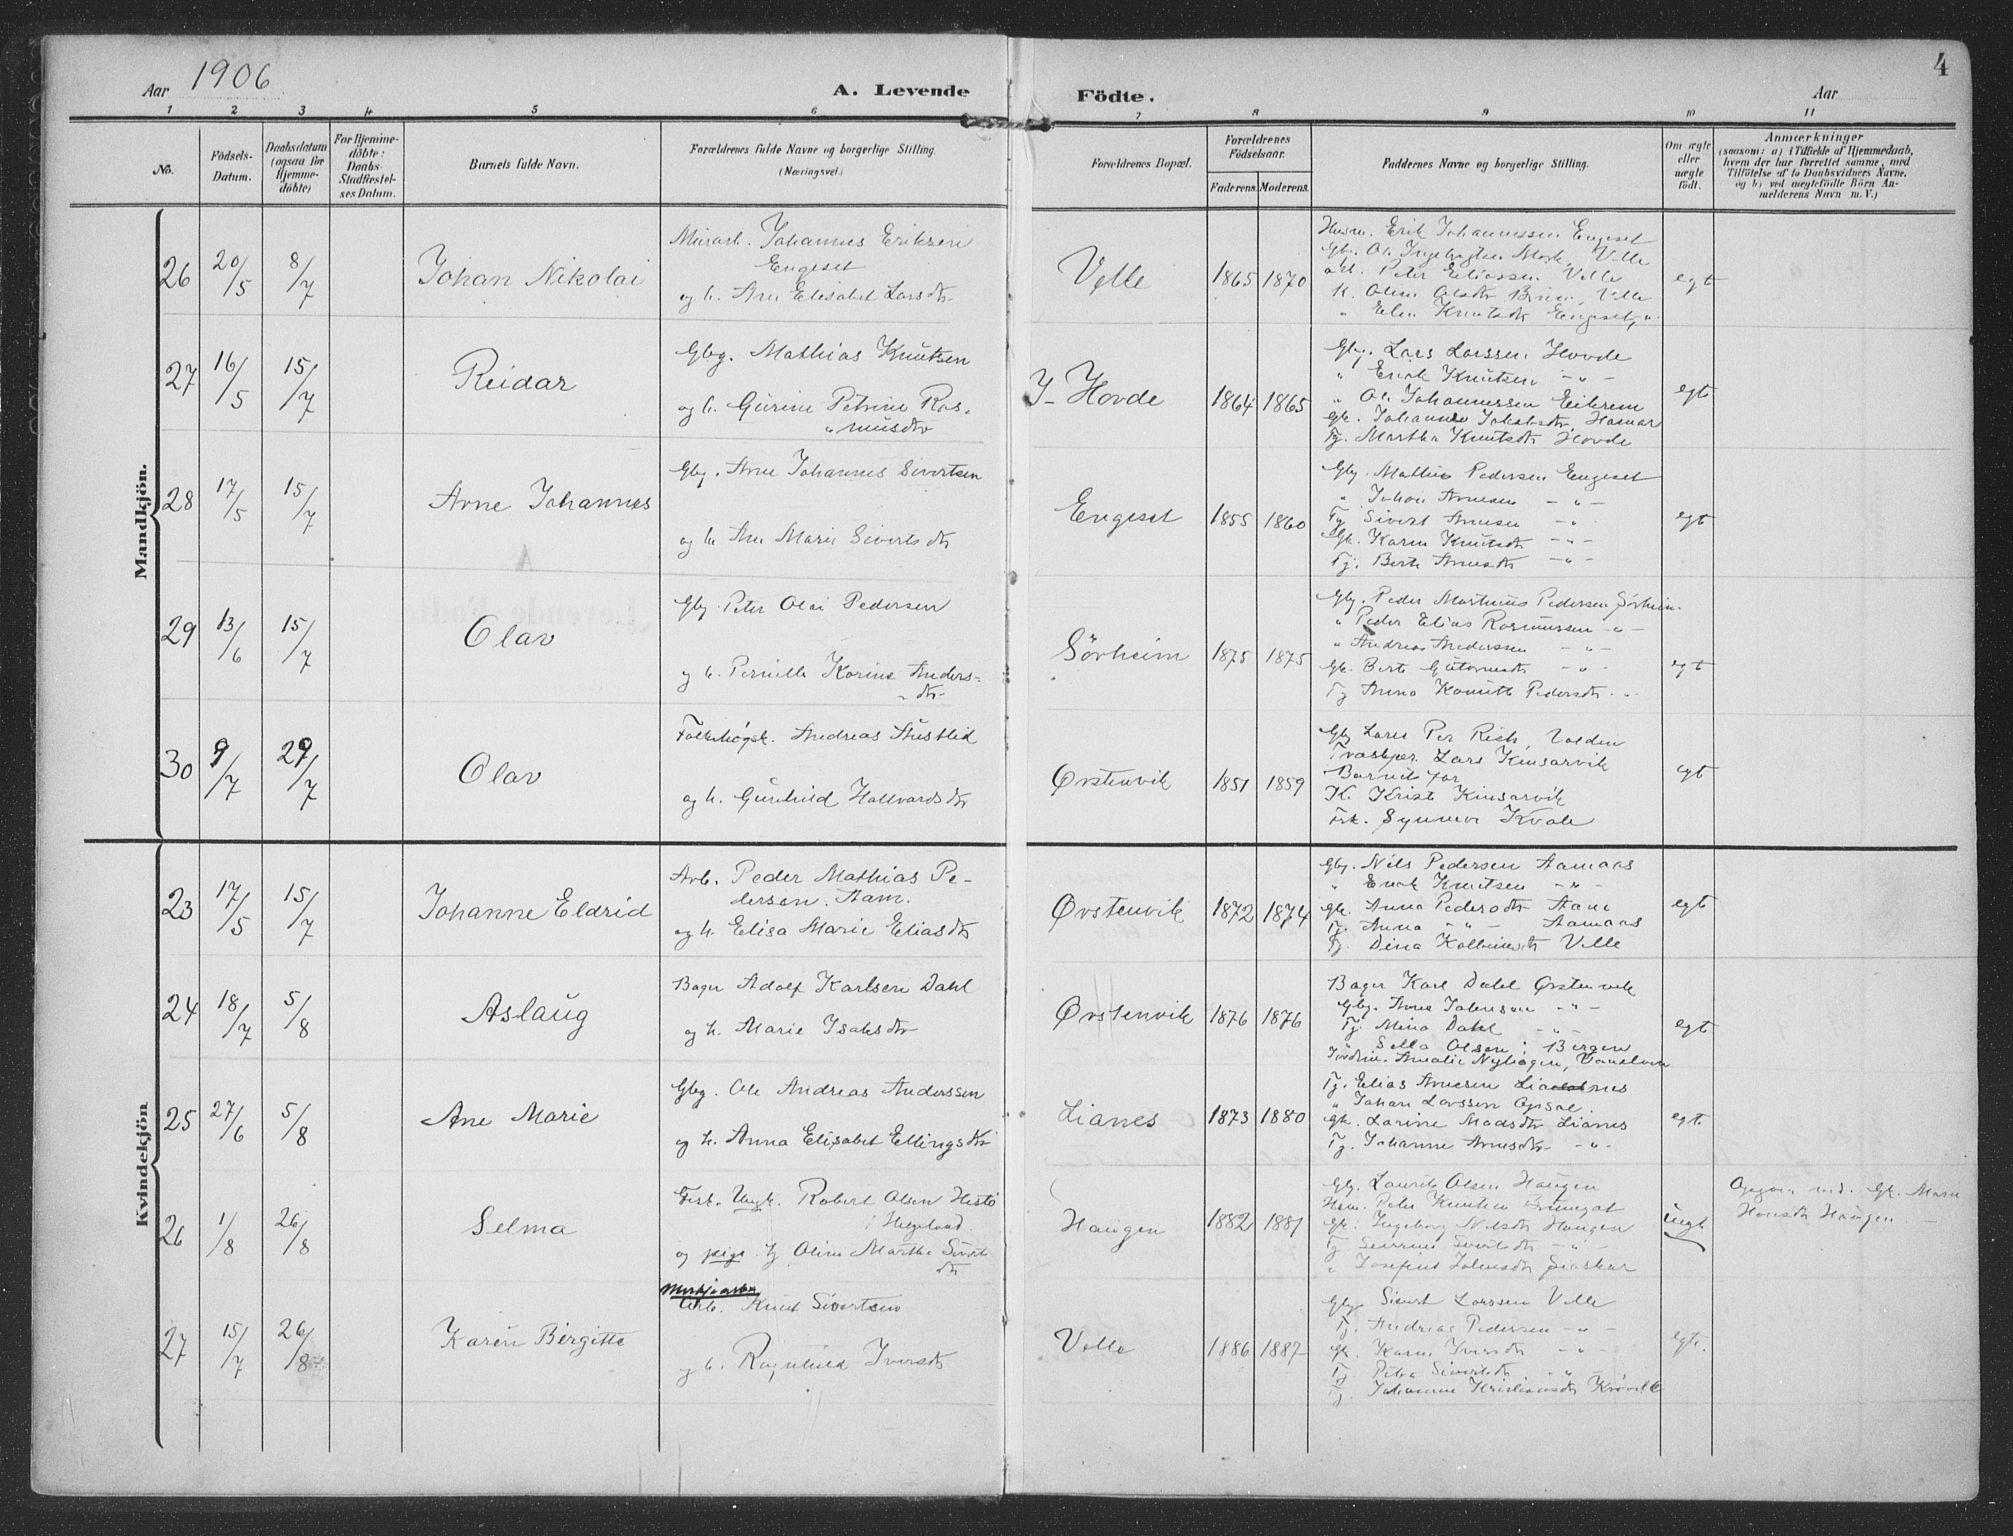 SAT, Ministerialprotokoller, klokkerbøker og fødselsregistre - Møre og Romsdal, 513/L0178: Ministerialbok nr. 513A05, 1906-1919, s. 4